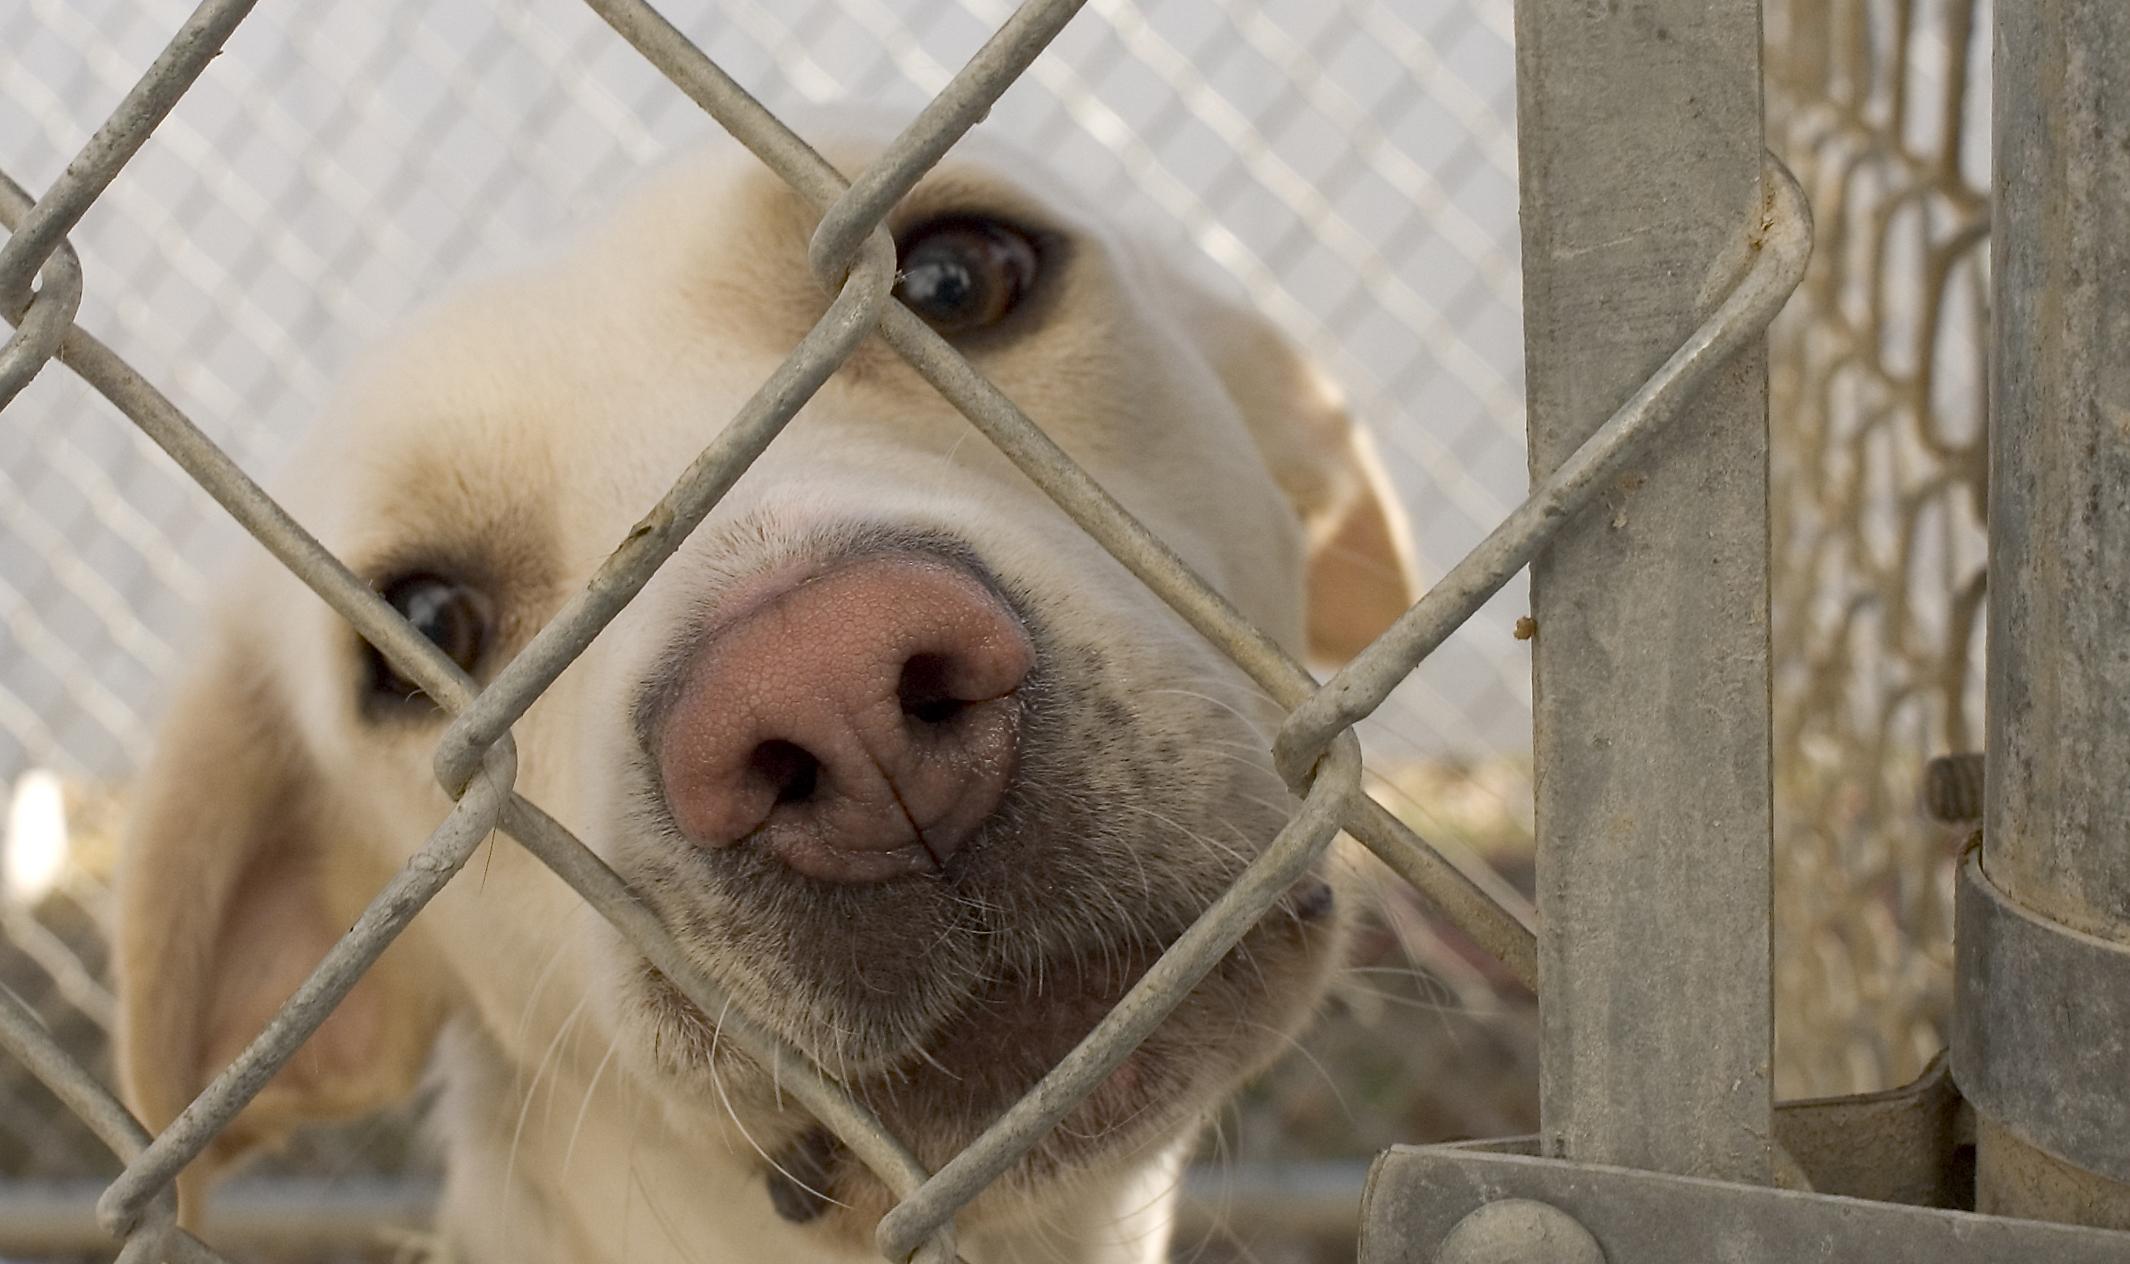 Dog_in_animal_shelter_in_Washington,_Iowa_114351